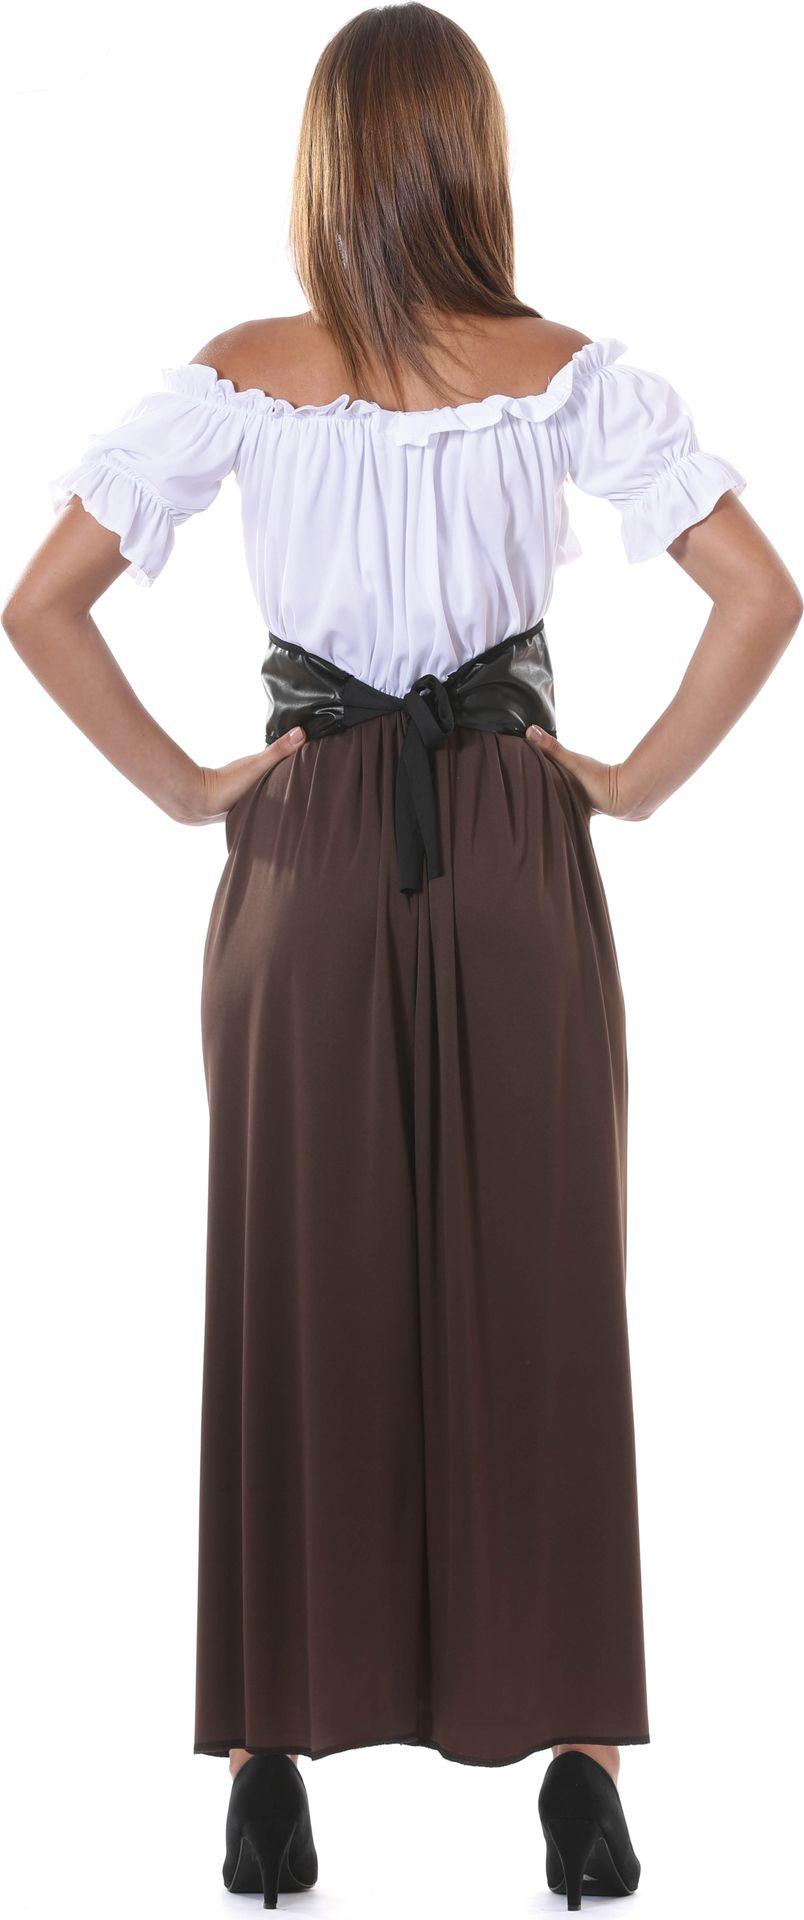 Middeleeuwse dame kostuum